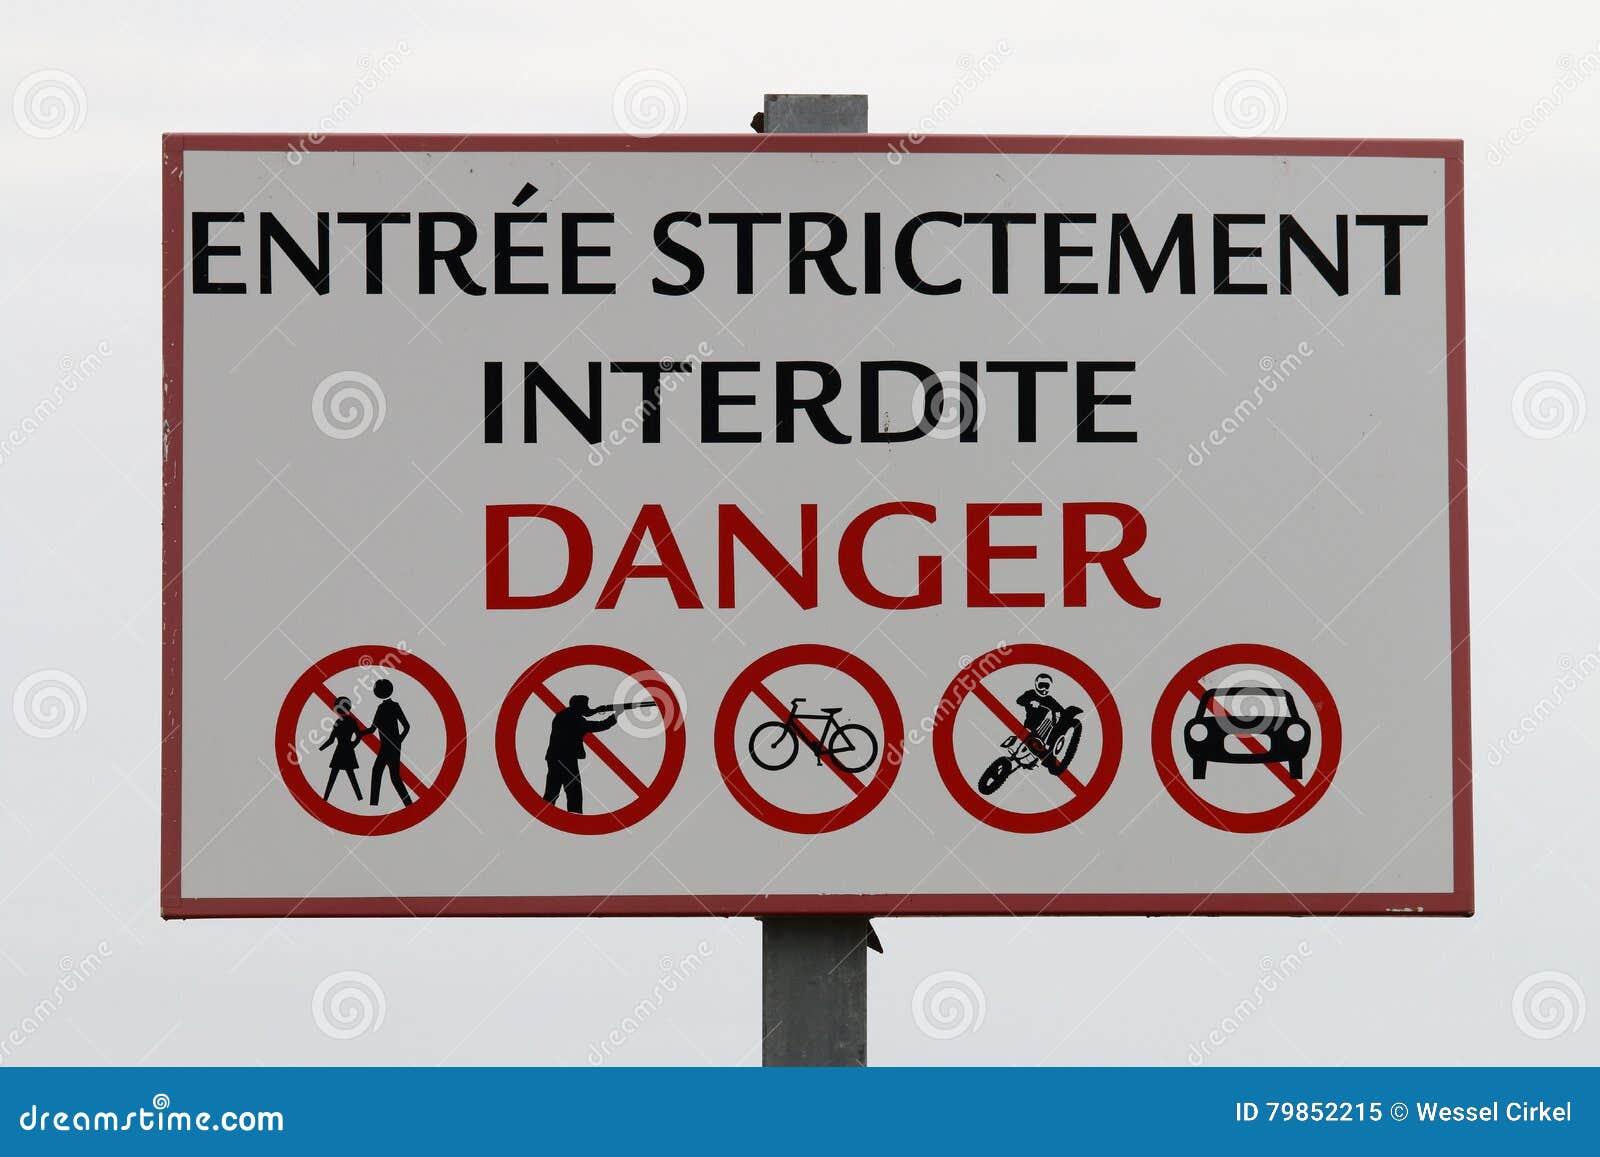 Warning for danger in France Camargue